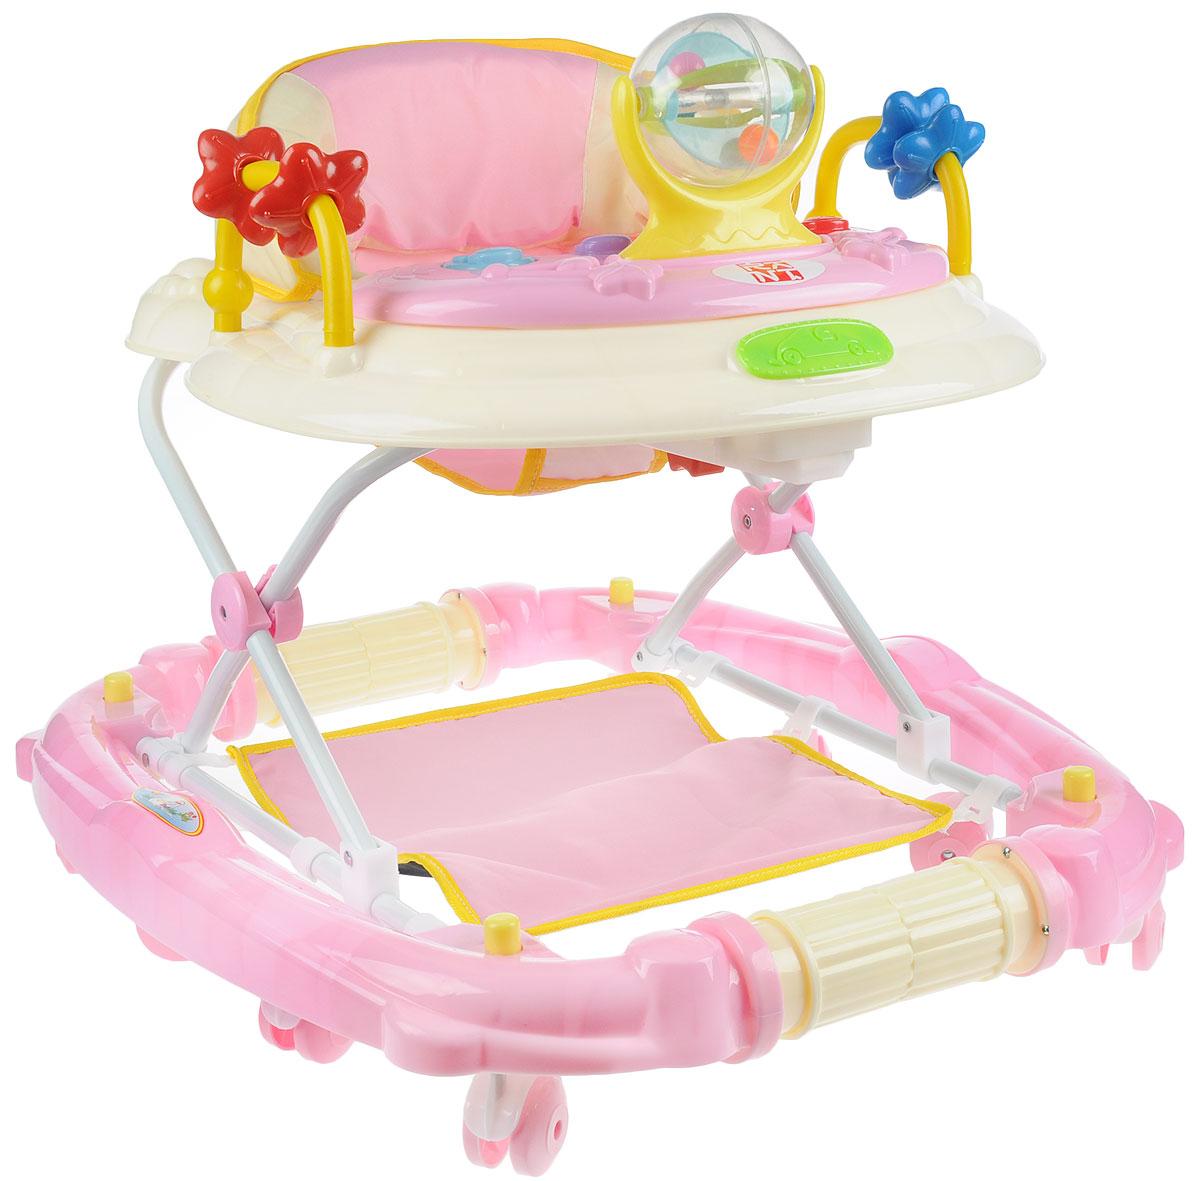 Rant Ходунки-качалка W-26 цвет розовый -  Ходунки, прыгунки, качалки